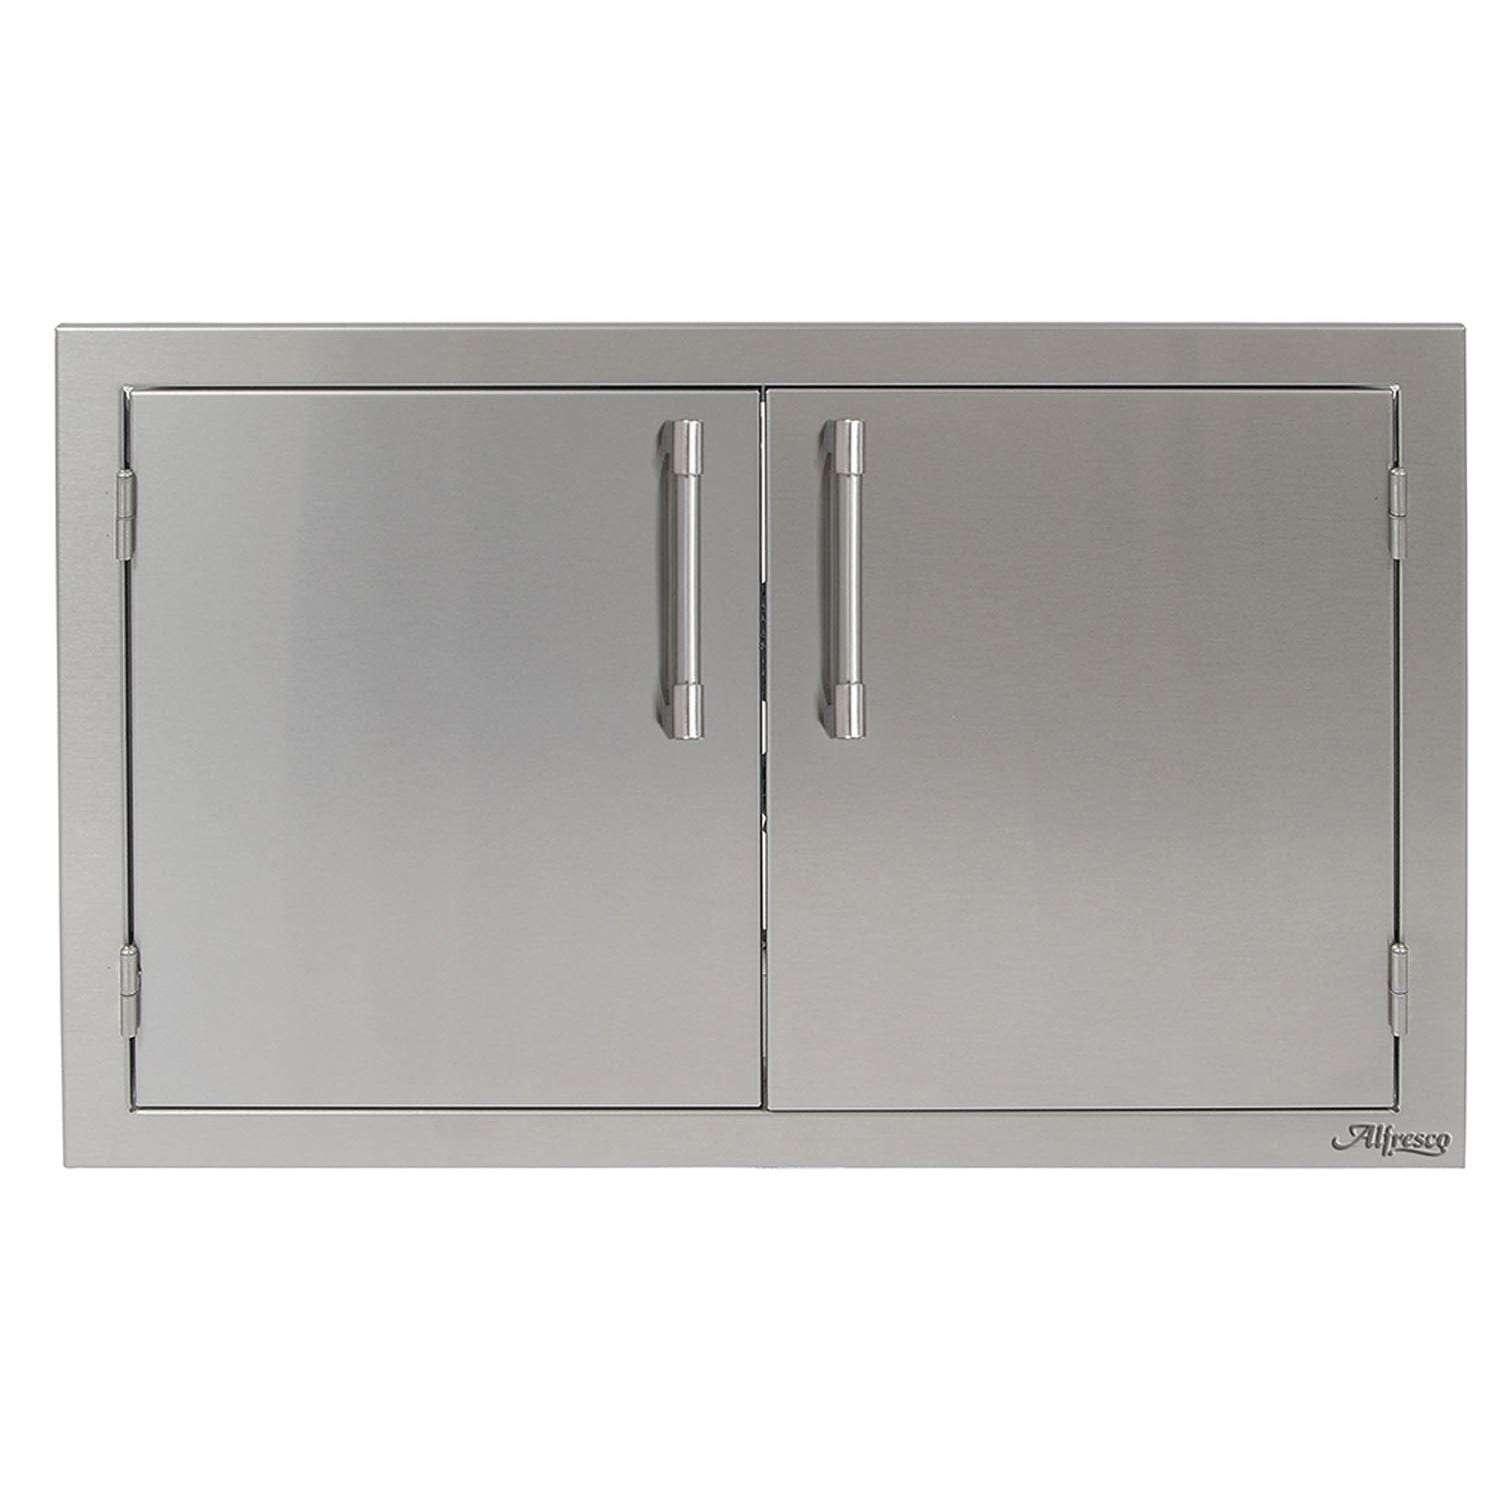 Alfresco 42-Inch Double Access Doors